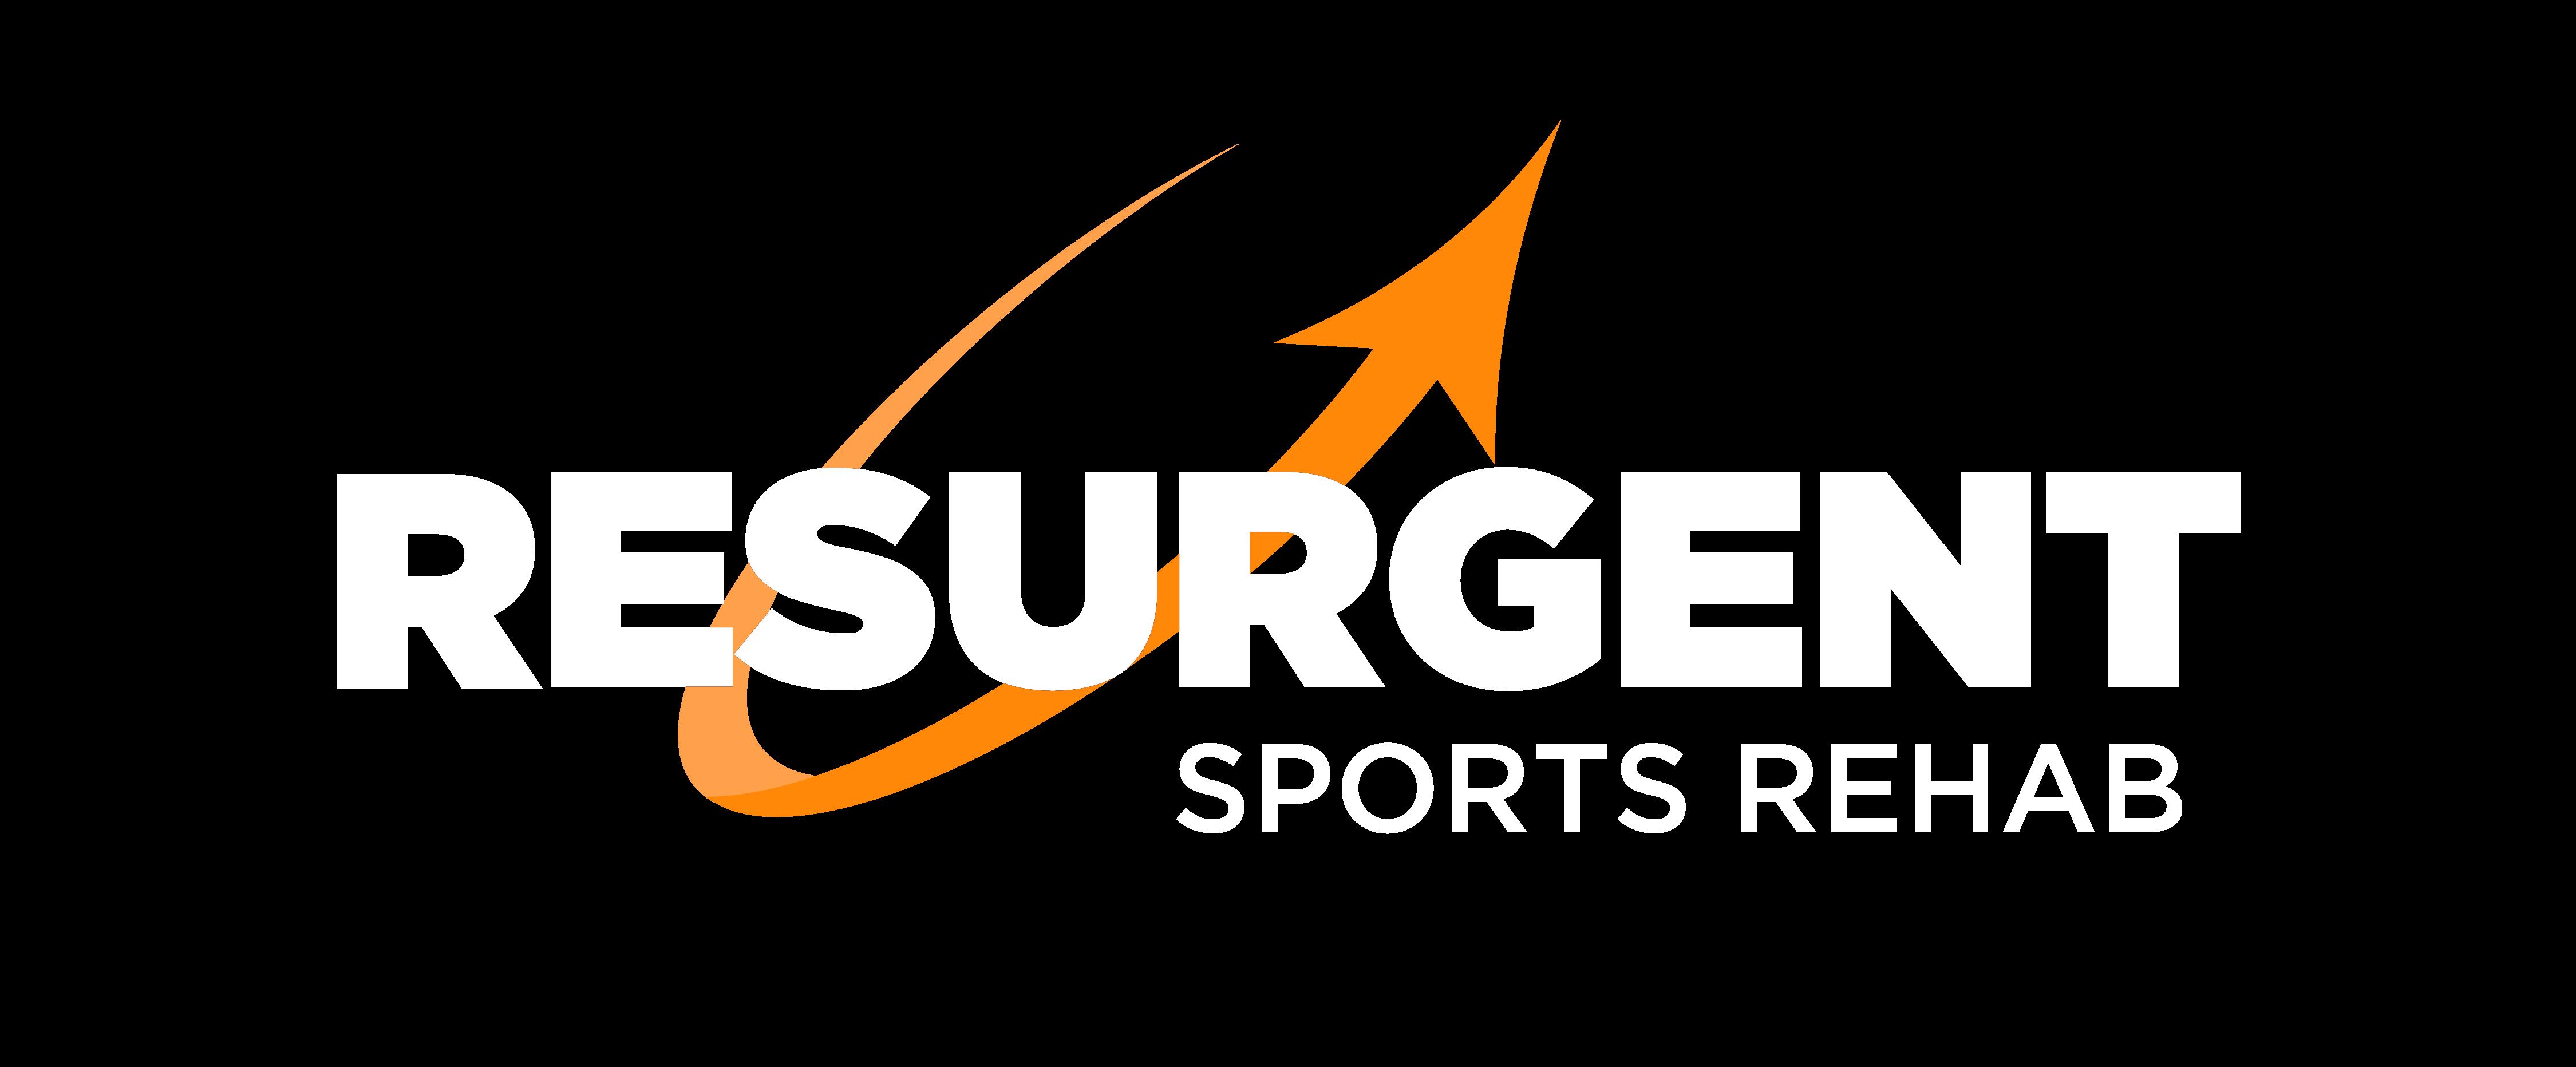 Resurgent-Logo-white